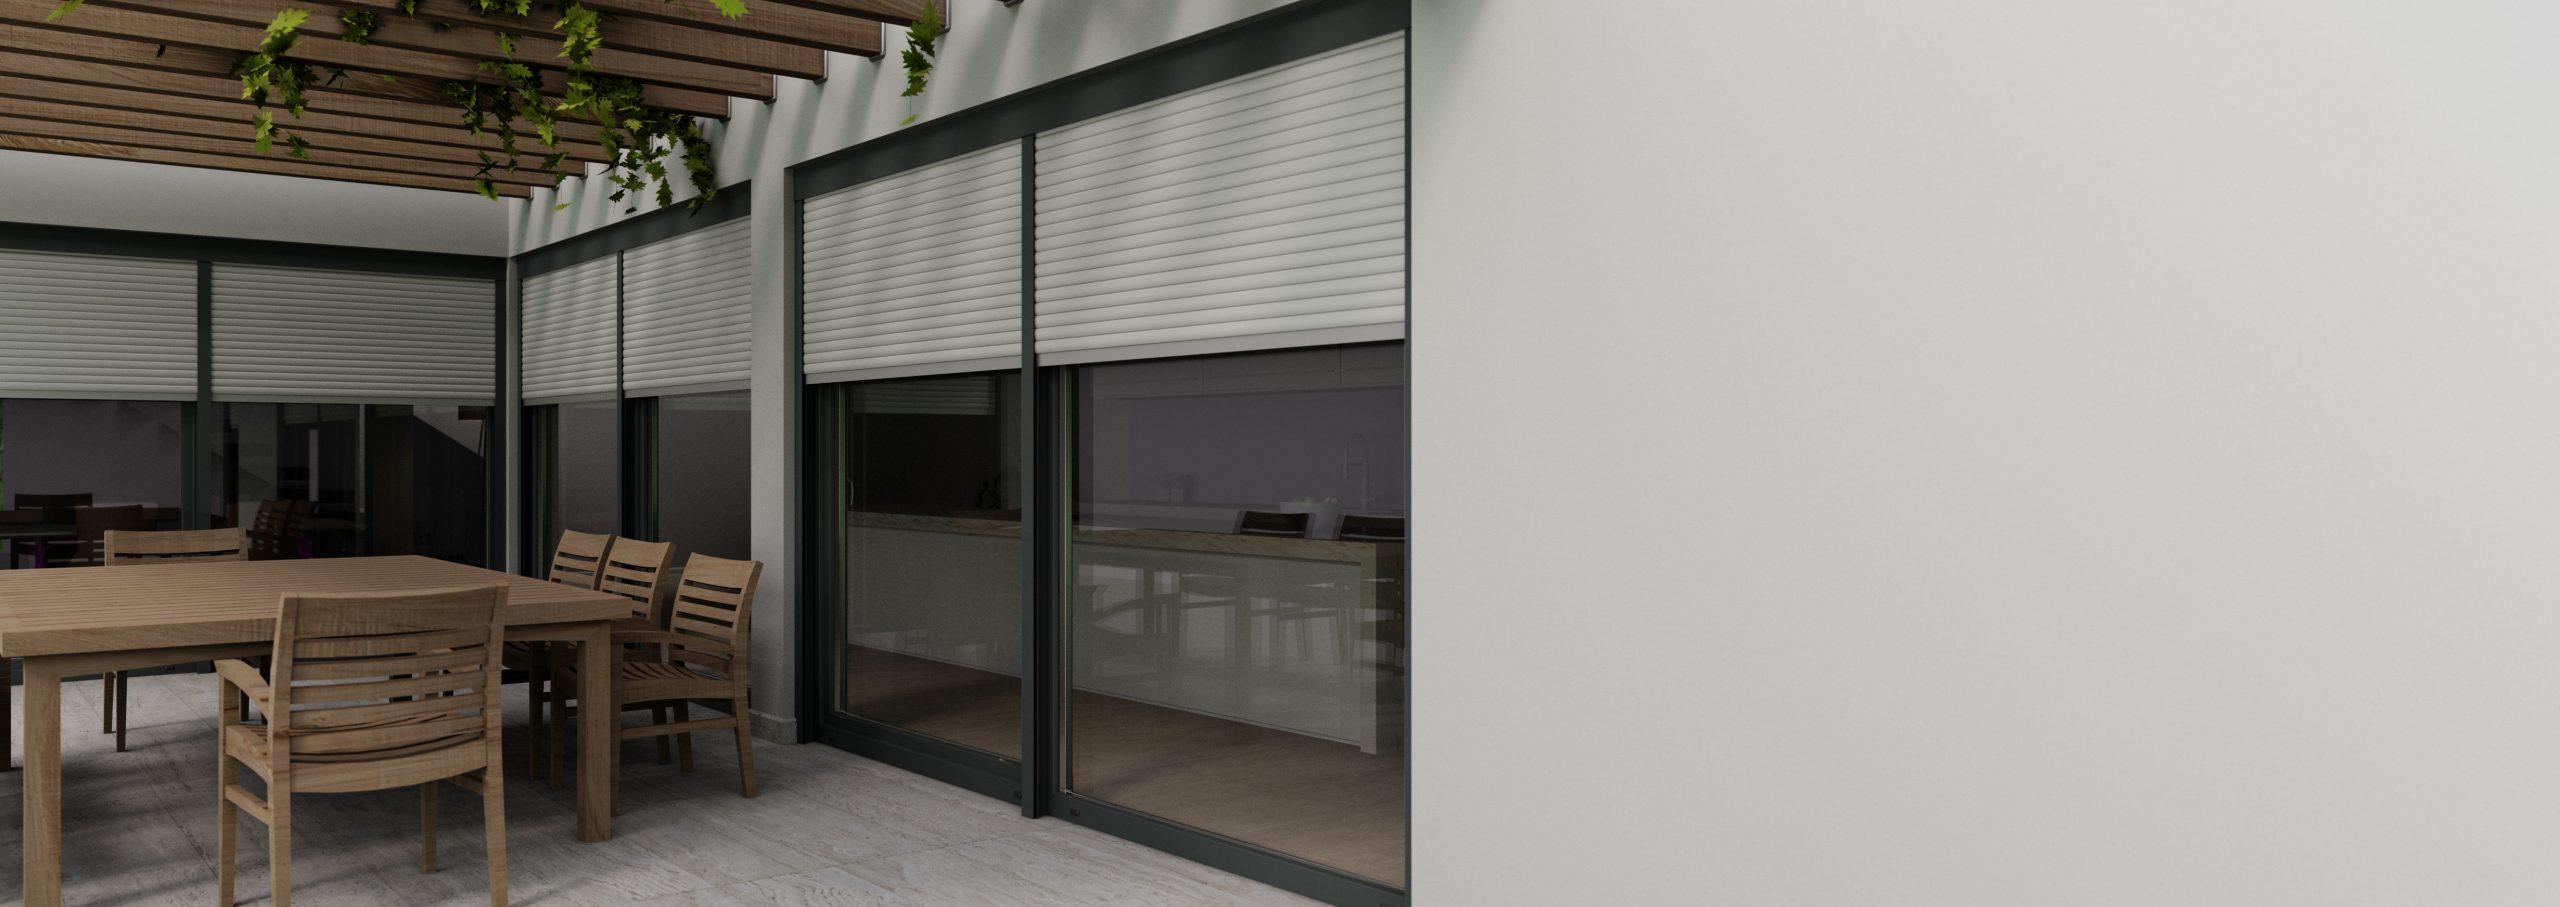 Full Size of Smart Fensterwunder Integrierter Rollladen Blaurock Eckküche Mit Elektrogeräten Klebefolie Für Fenster Bett Schubladen Küche E Geräten Günstig Fenster Fenster Mit Eingebauten Rolladen